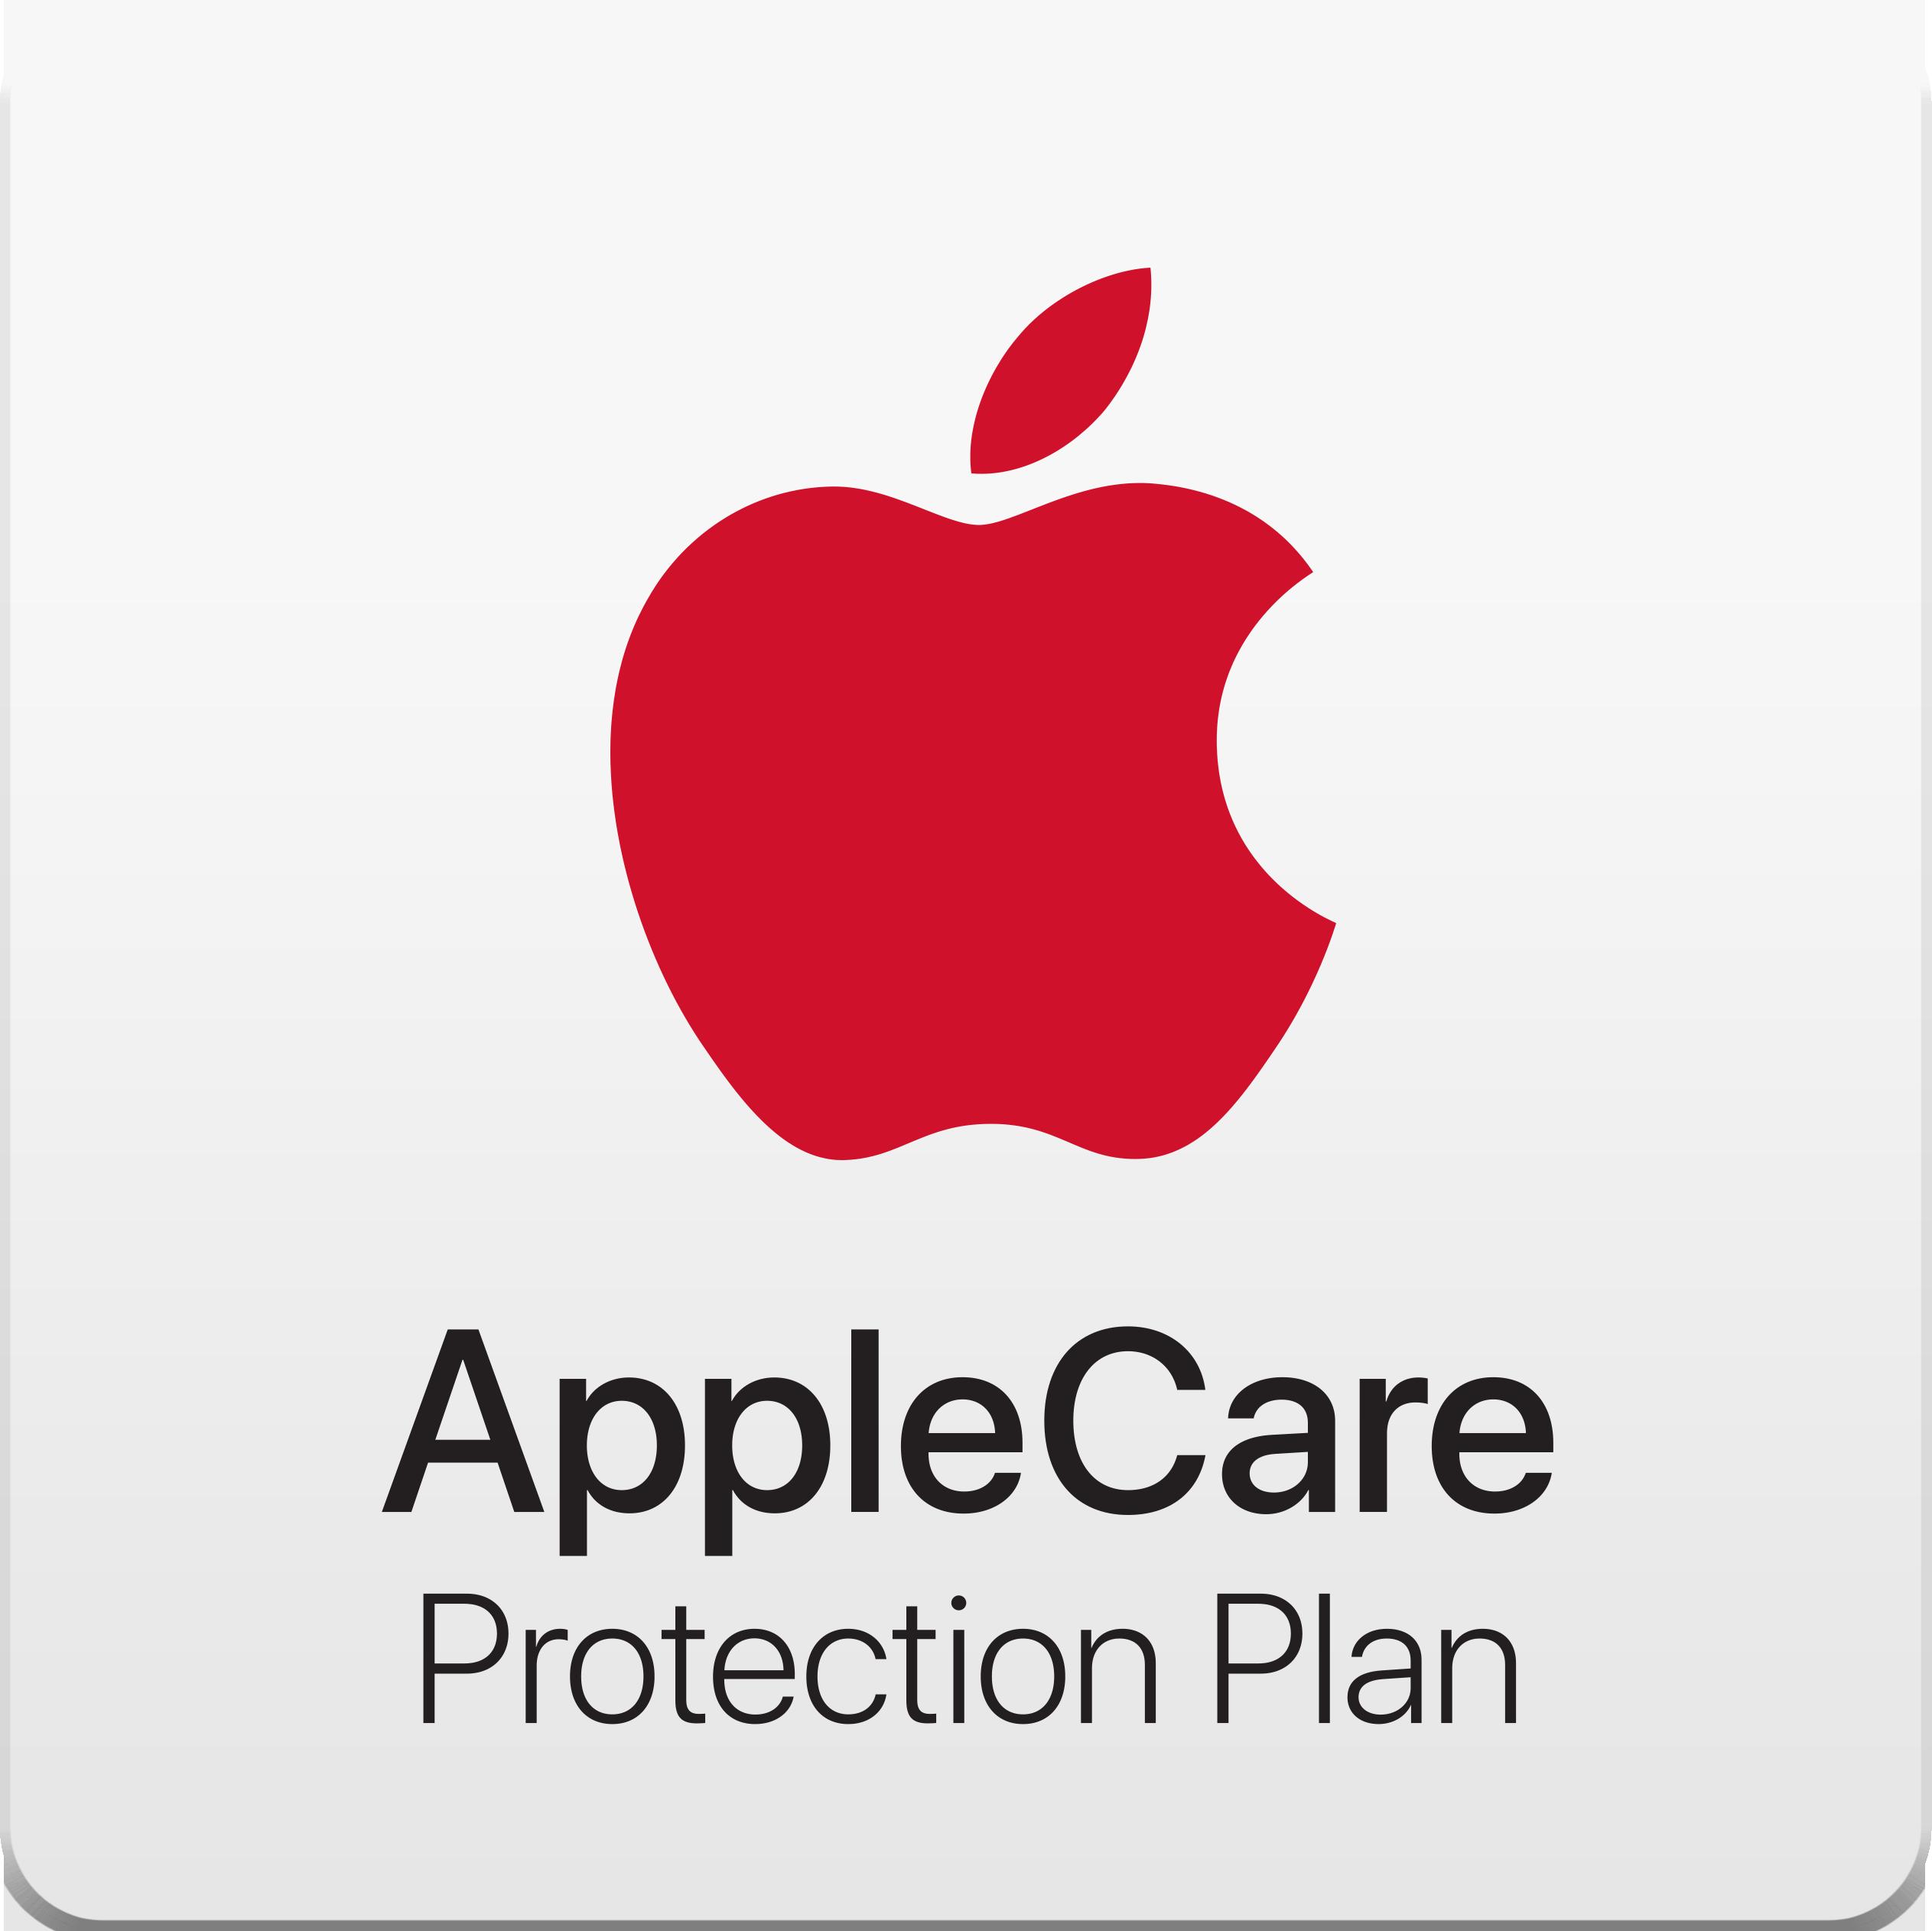 Under upp till tre år räknat från datorns ursprungliga inköpsdatum gör AppleCare Protection Plan att du får direkt tillgång till Apples prisbelönta tekniska supportexperter på telefon och ställa frågor om Apples mjukvara, Mac OS X, iLife och iWork. Datorn täcks även globalt för reparationer på din Mac både delar och arbete via praktiska servicealternativ.